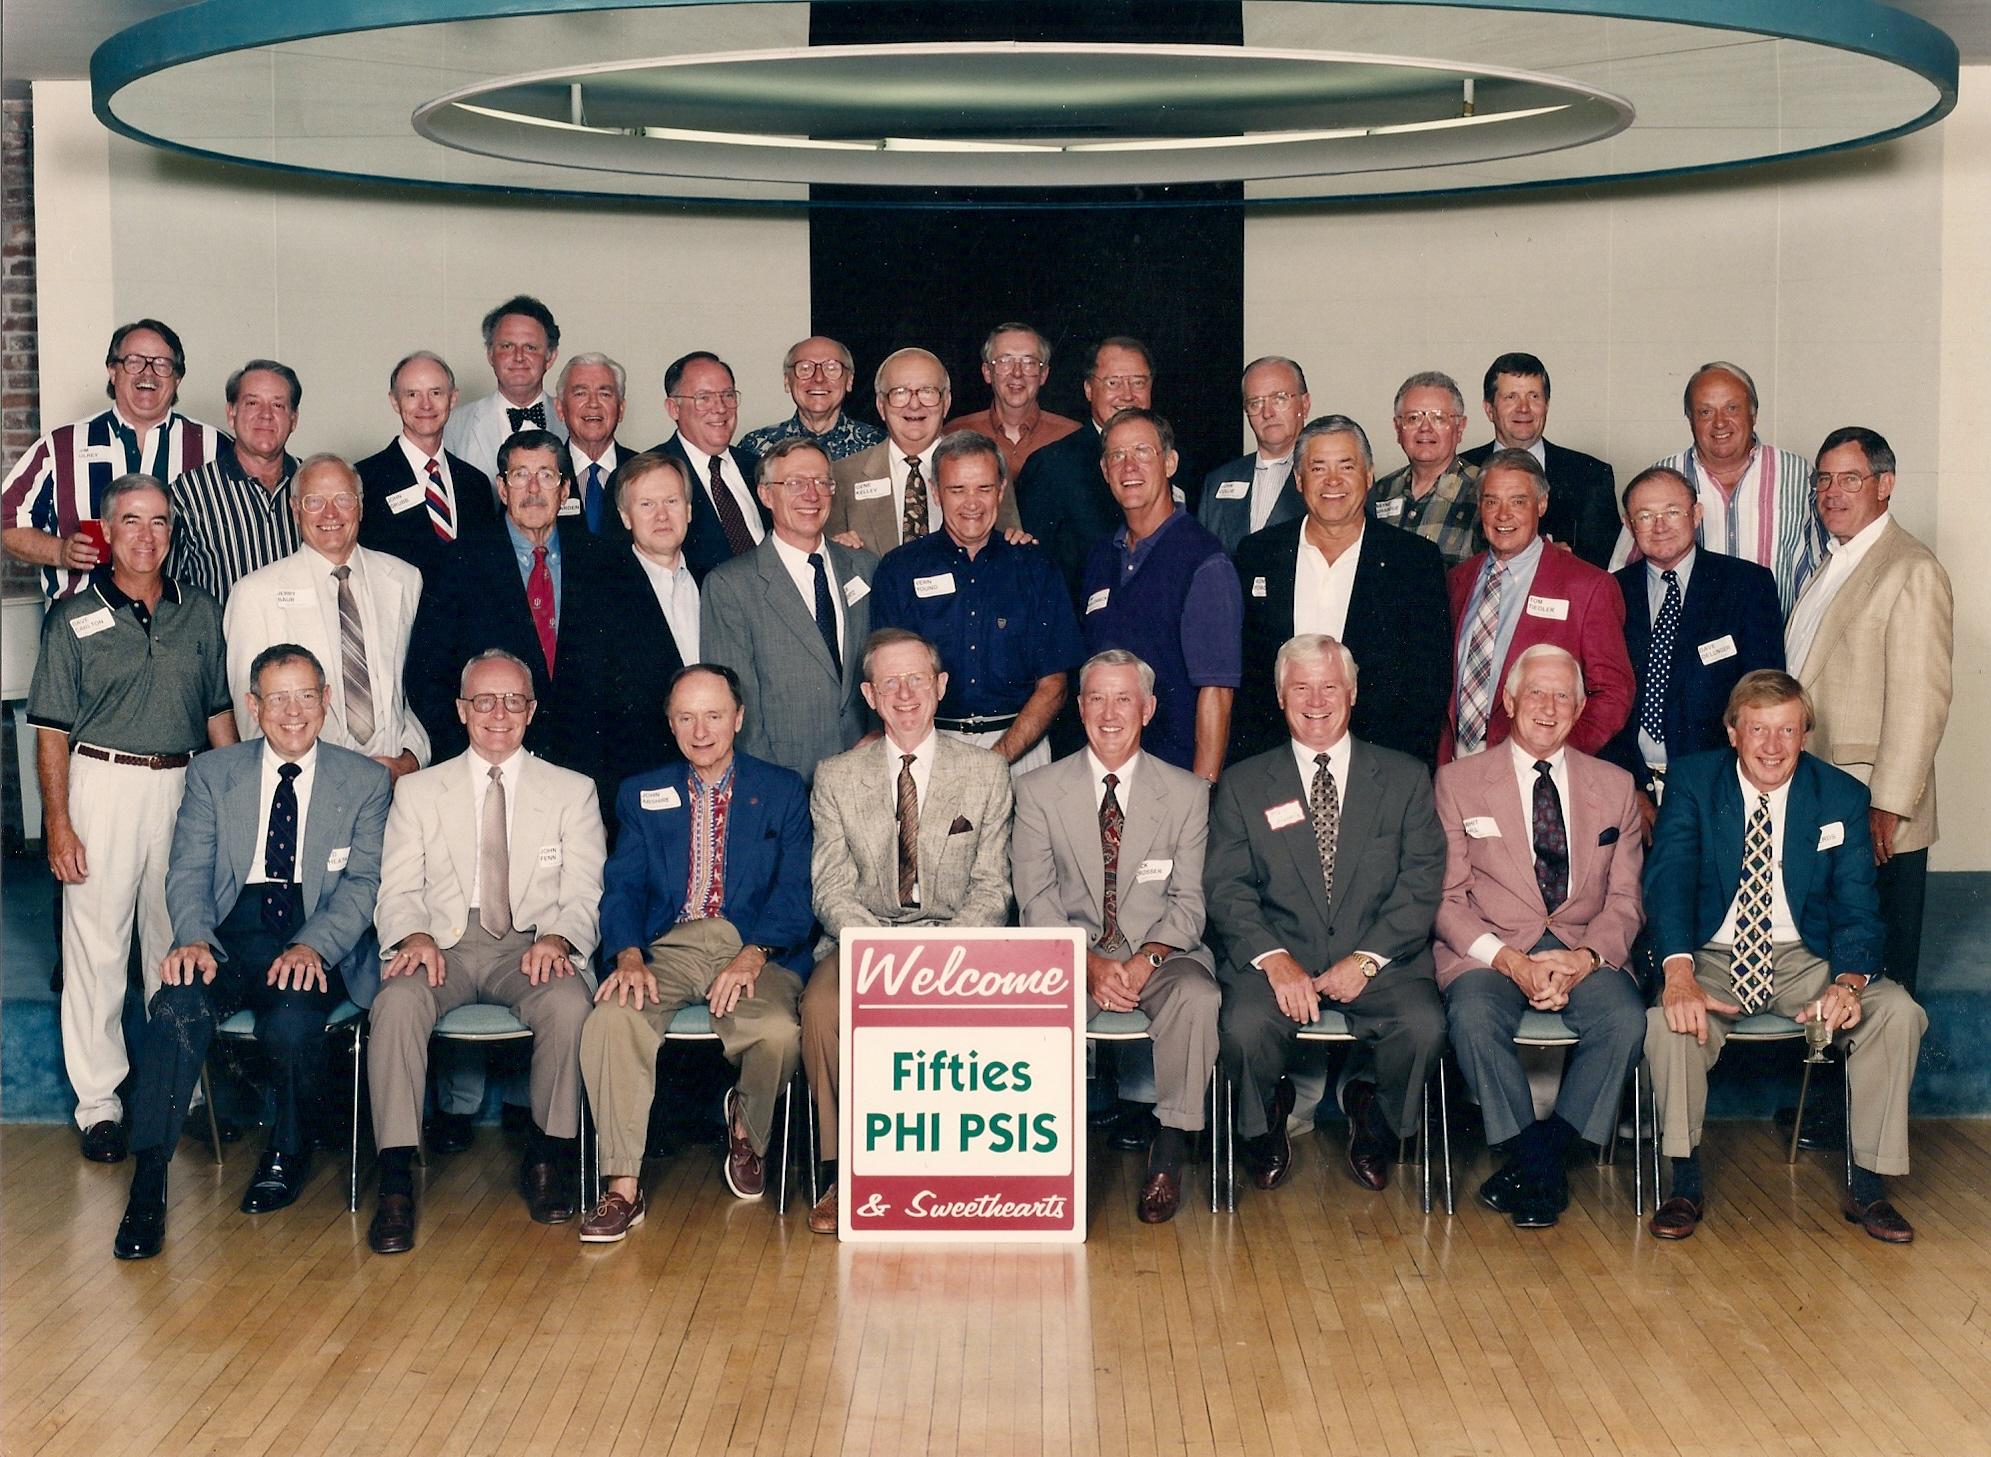 1995 Fifties Reunion (1.5)